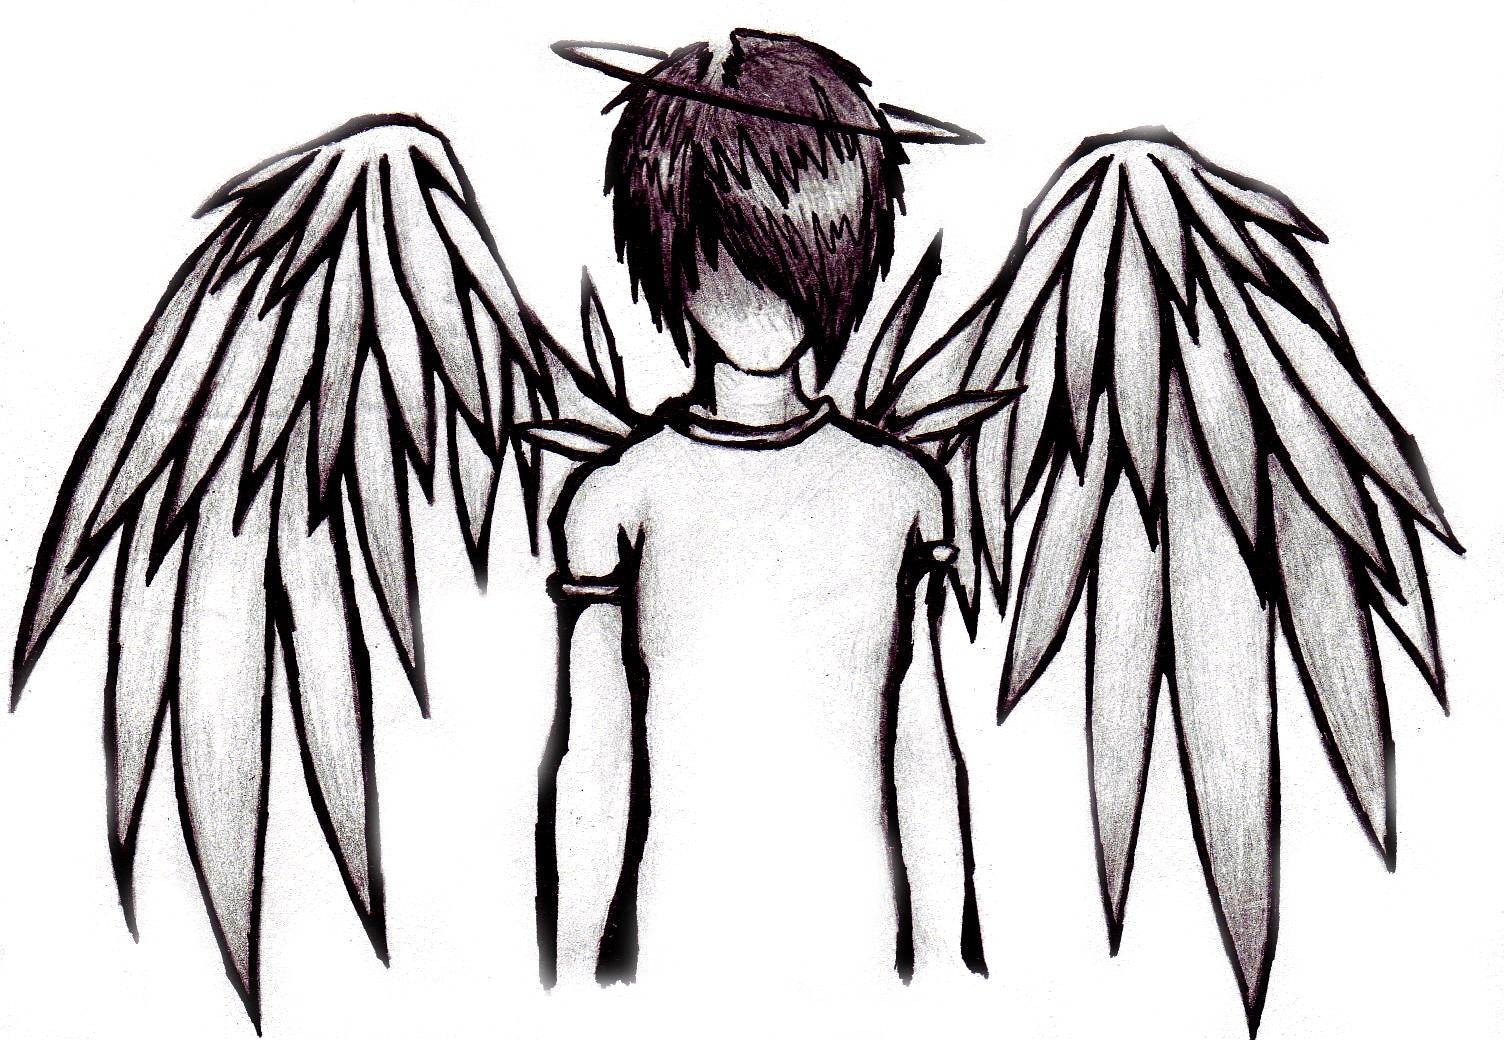 http://2.bp.blogspot.com/-soP2rdwOMKM/T5Vk_D7-WZI/AAAAAAAAAX4/JDzqBHvX0oE/s1600/Emo_Angel_Boy_by_Skissored.jpg